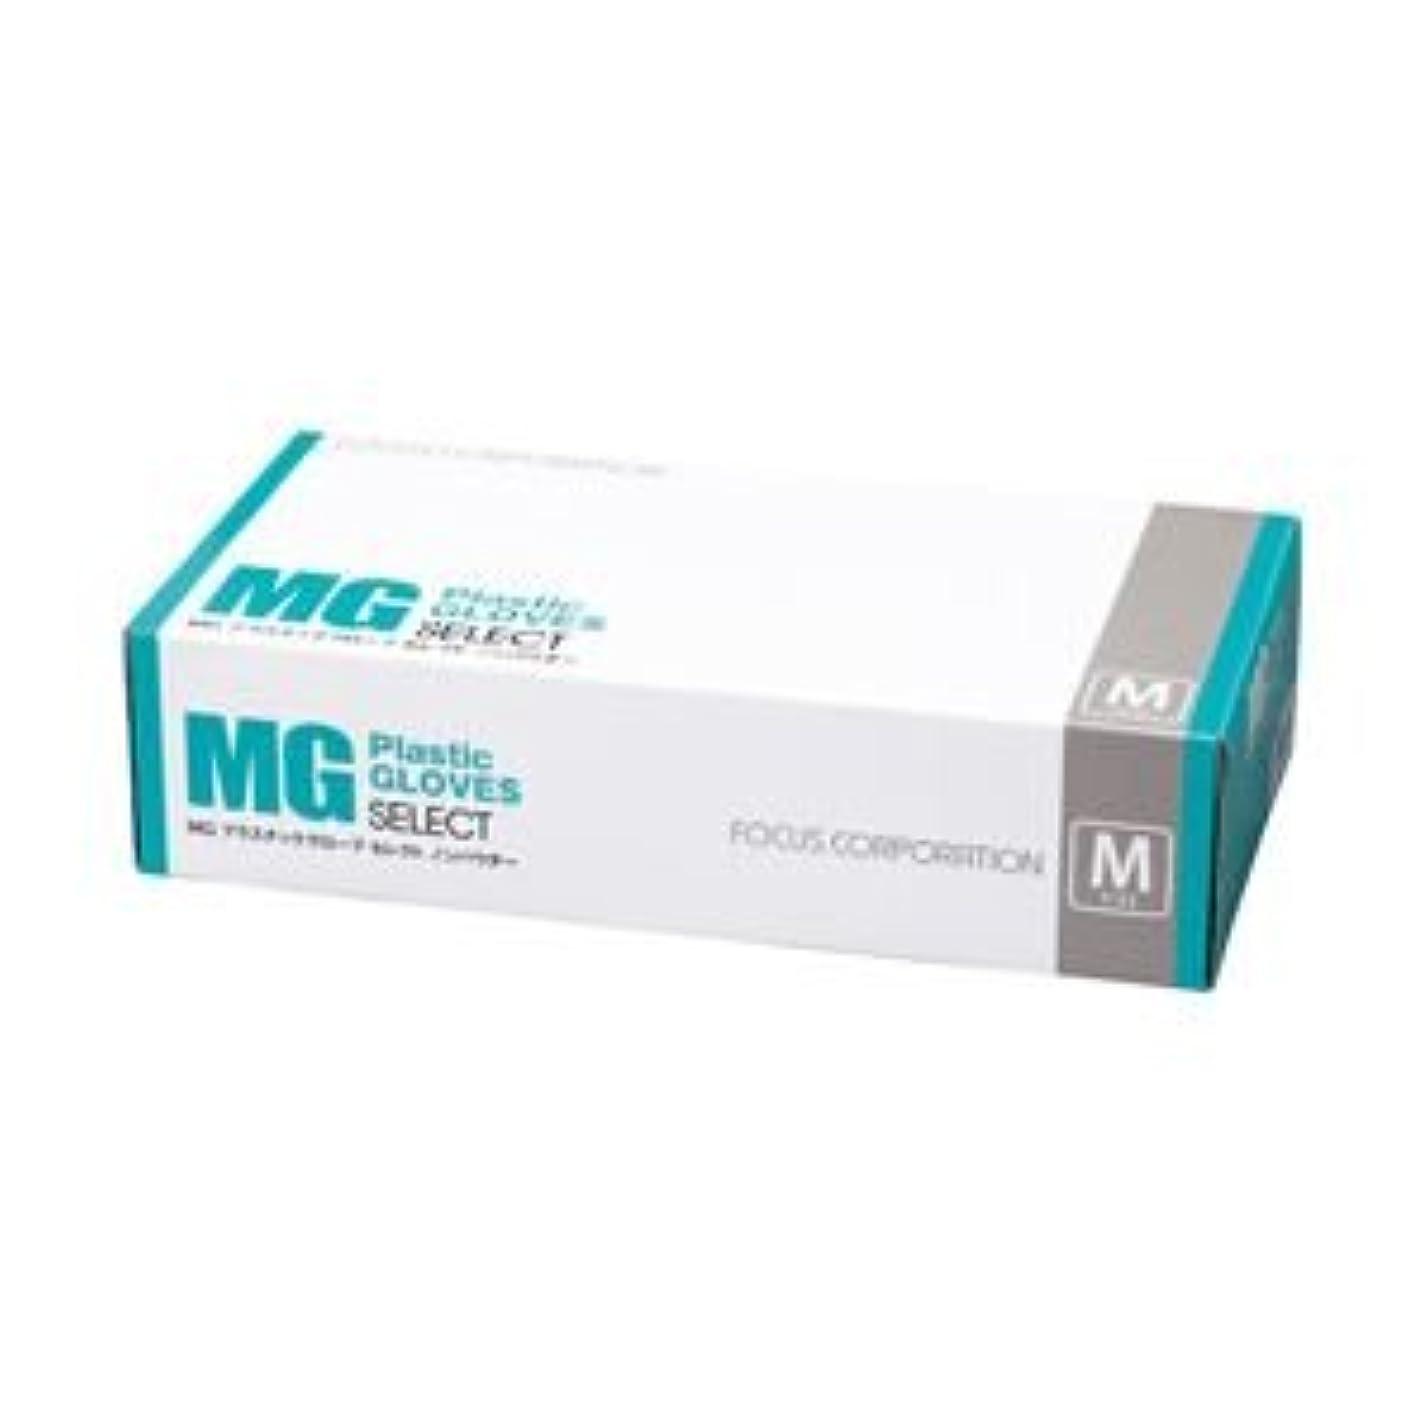 船上検査官引き算フォーカス (業務用セット) MGプラスチックグローブSELECT 粉なし 半透明 1箱(100枚) Mサイズ (×10セット)